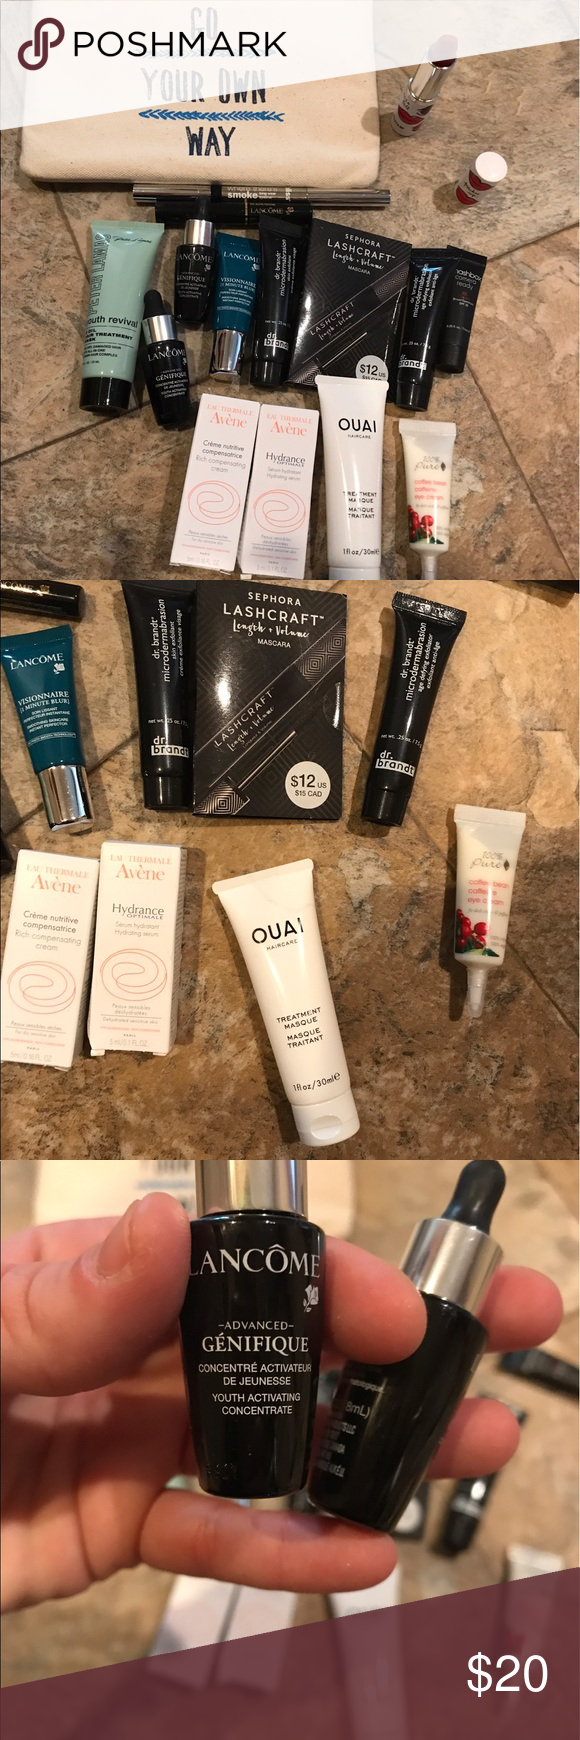 Sephora makeup sample set nwt Sephora makeup sample set